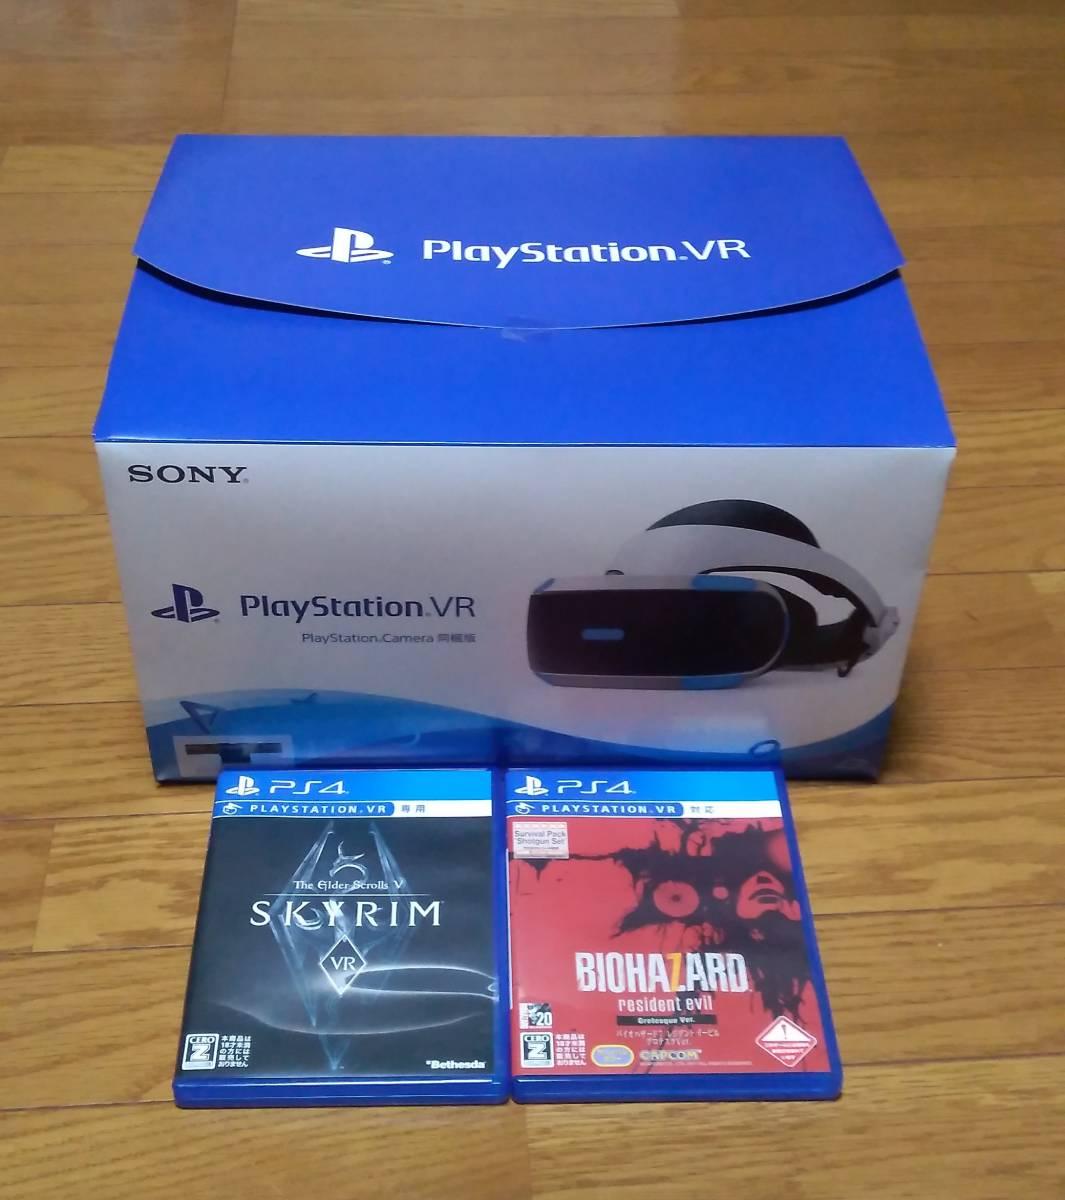 【送料無料】PlayStation VR CUHJ-16003 CUH-ZVR2 + Skyrim VR・バイオハザード 7 (PSVR本体+専用ソフト2本)